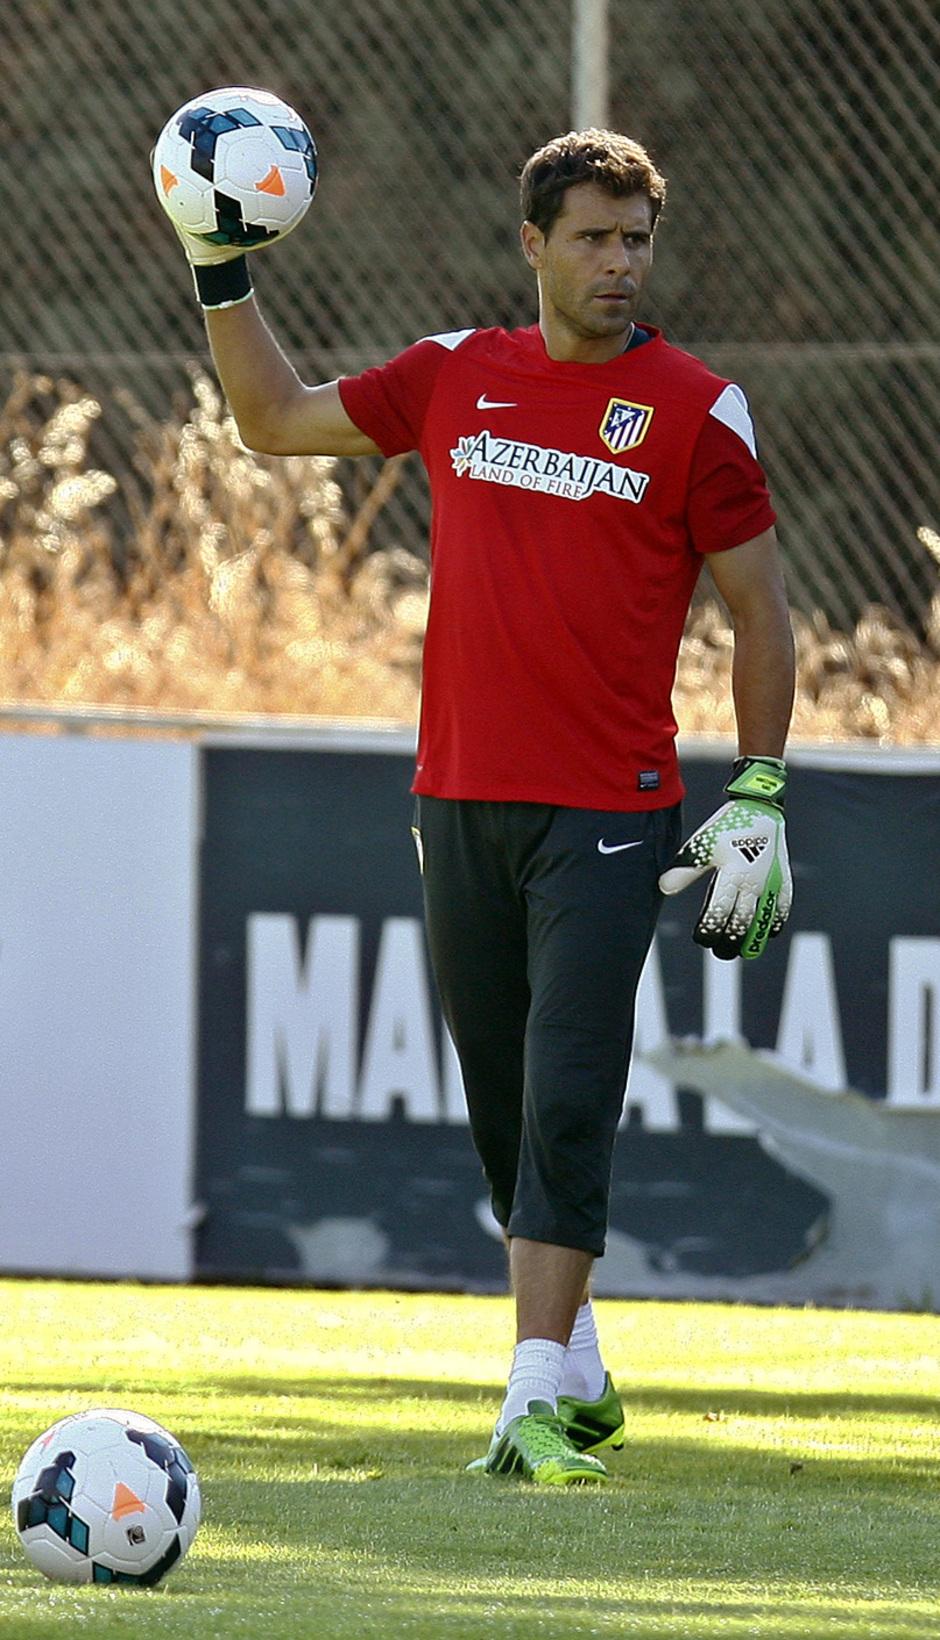 Temporada 13/14. Aranzubia en su primer entrenamiento con el Atlético en Majadahonda